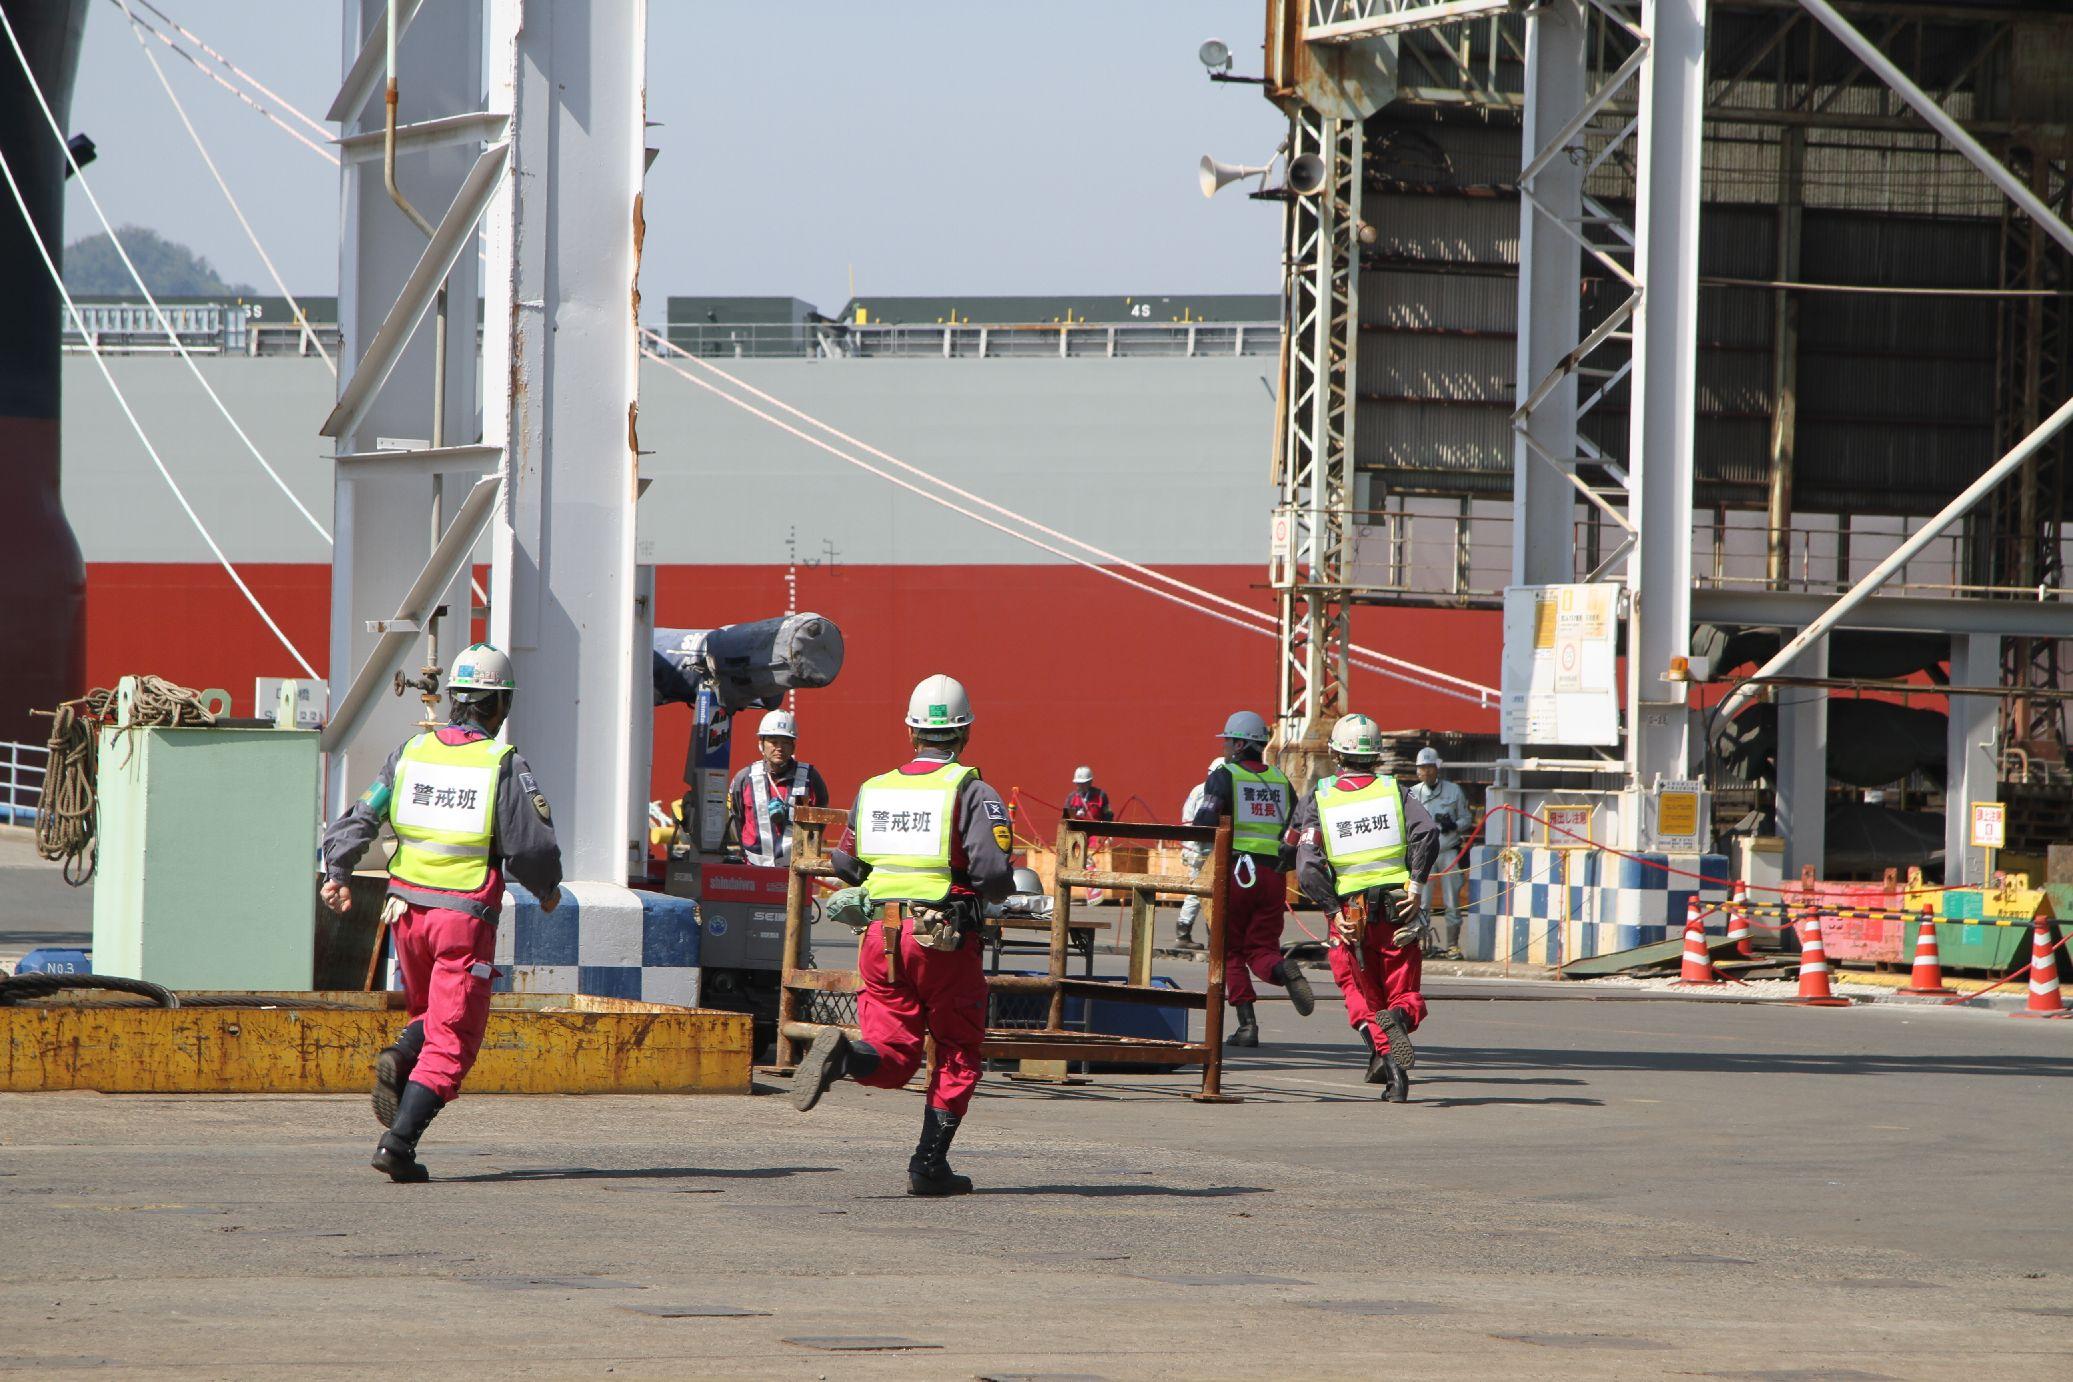 常石造船在福山西消防署的指导下举行防灾综合训练